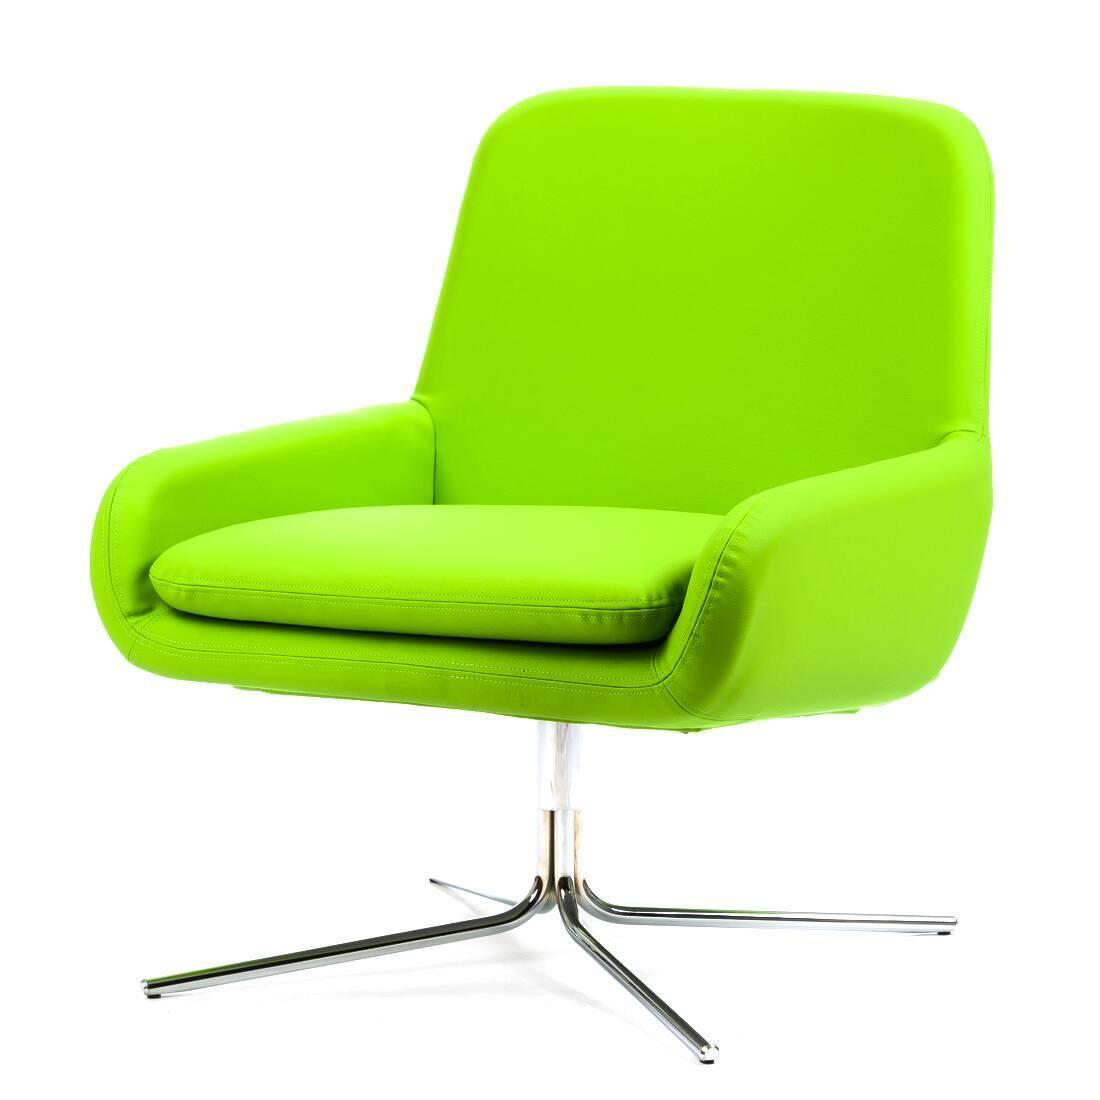 Кресло Coco SwivelИнтерьерные<br>Дизайнерское небольшое современное вращающееся кресло Coco Swivel (Коко Свивэл) из ткани на одной ножке от Softline (Софтлайн).<br><br>Кресло Coco Swivel — красивое и смелое кресло с минималистским, но очень динамичным дизайном. Это результат сотрудничества между Флеммингом Буском и Стефаном Б.Херцогом, датским коллективом дизайнеров, известными своими наградами в области дизайна мебели.<br><br><br><br> <br><br><br> Оригинальное кресло Coco Swivel от компании Softline — это выбор для активных и жизнерадостны...<br><br>stock: 0<br>Высота: 76<br>Высота сиденья: 40<br>Ширина: 65<br>Глубина: 73<br>Цвет ножек: Хром<br>Материал обивки: Полиэстер<br>Коллекция ткани: Valencia<br>Тип материала ножек: Металл<br>Цвет обивки: Лайм